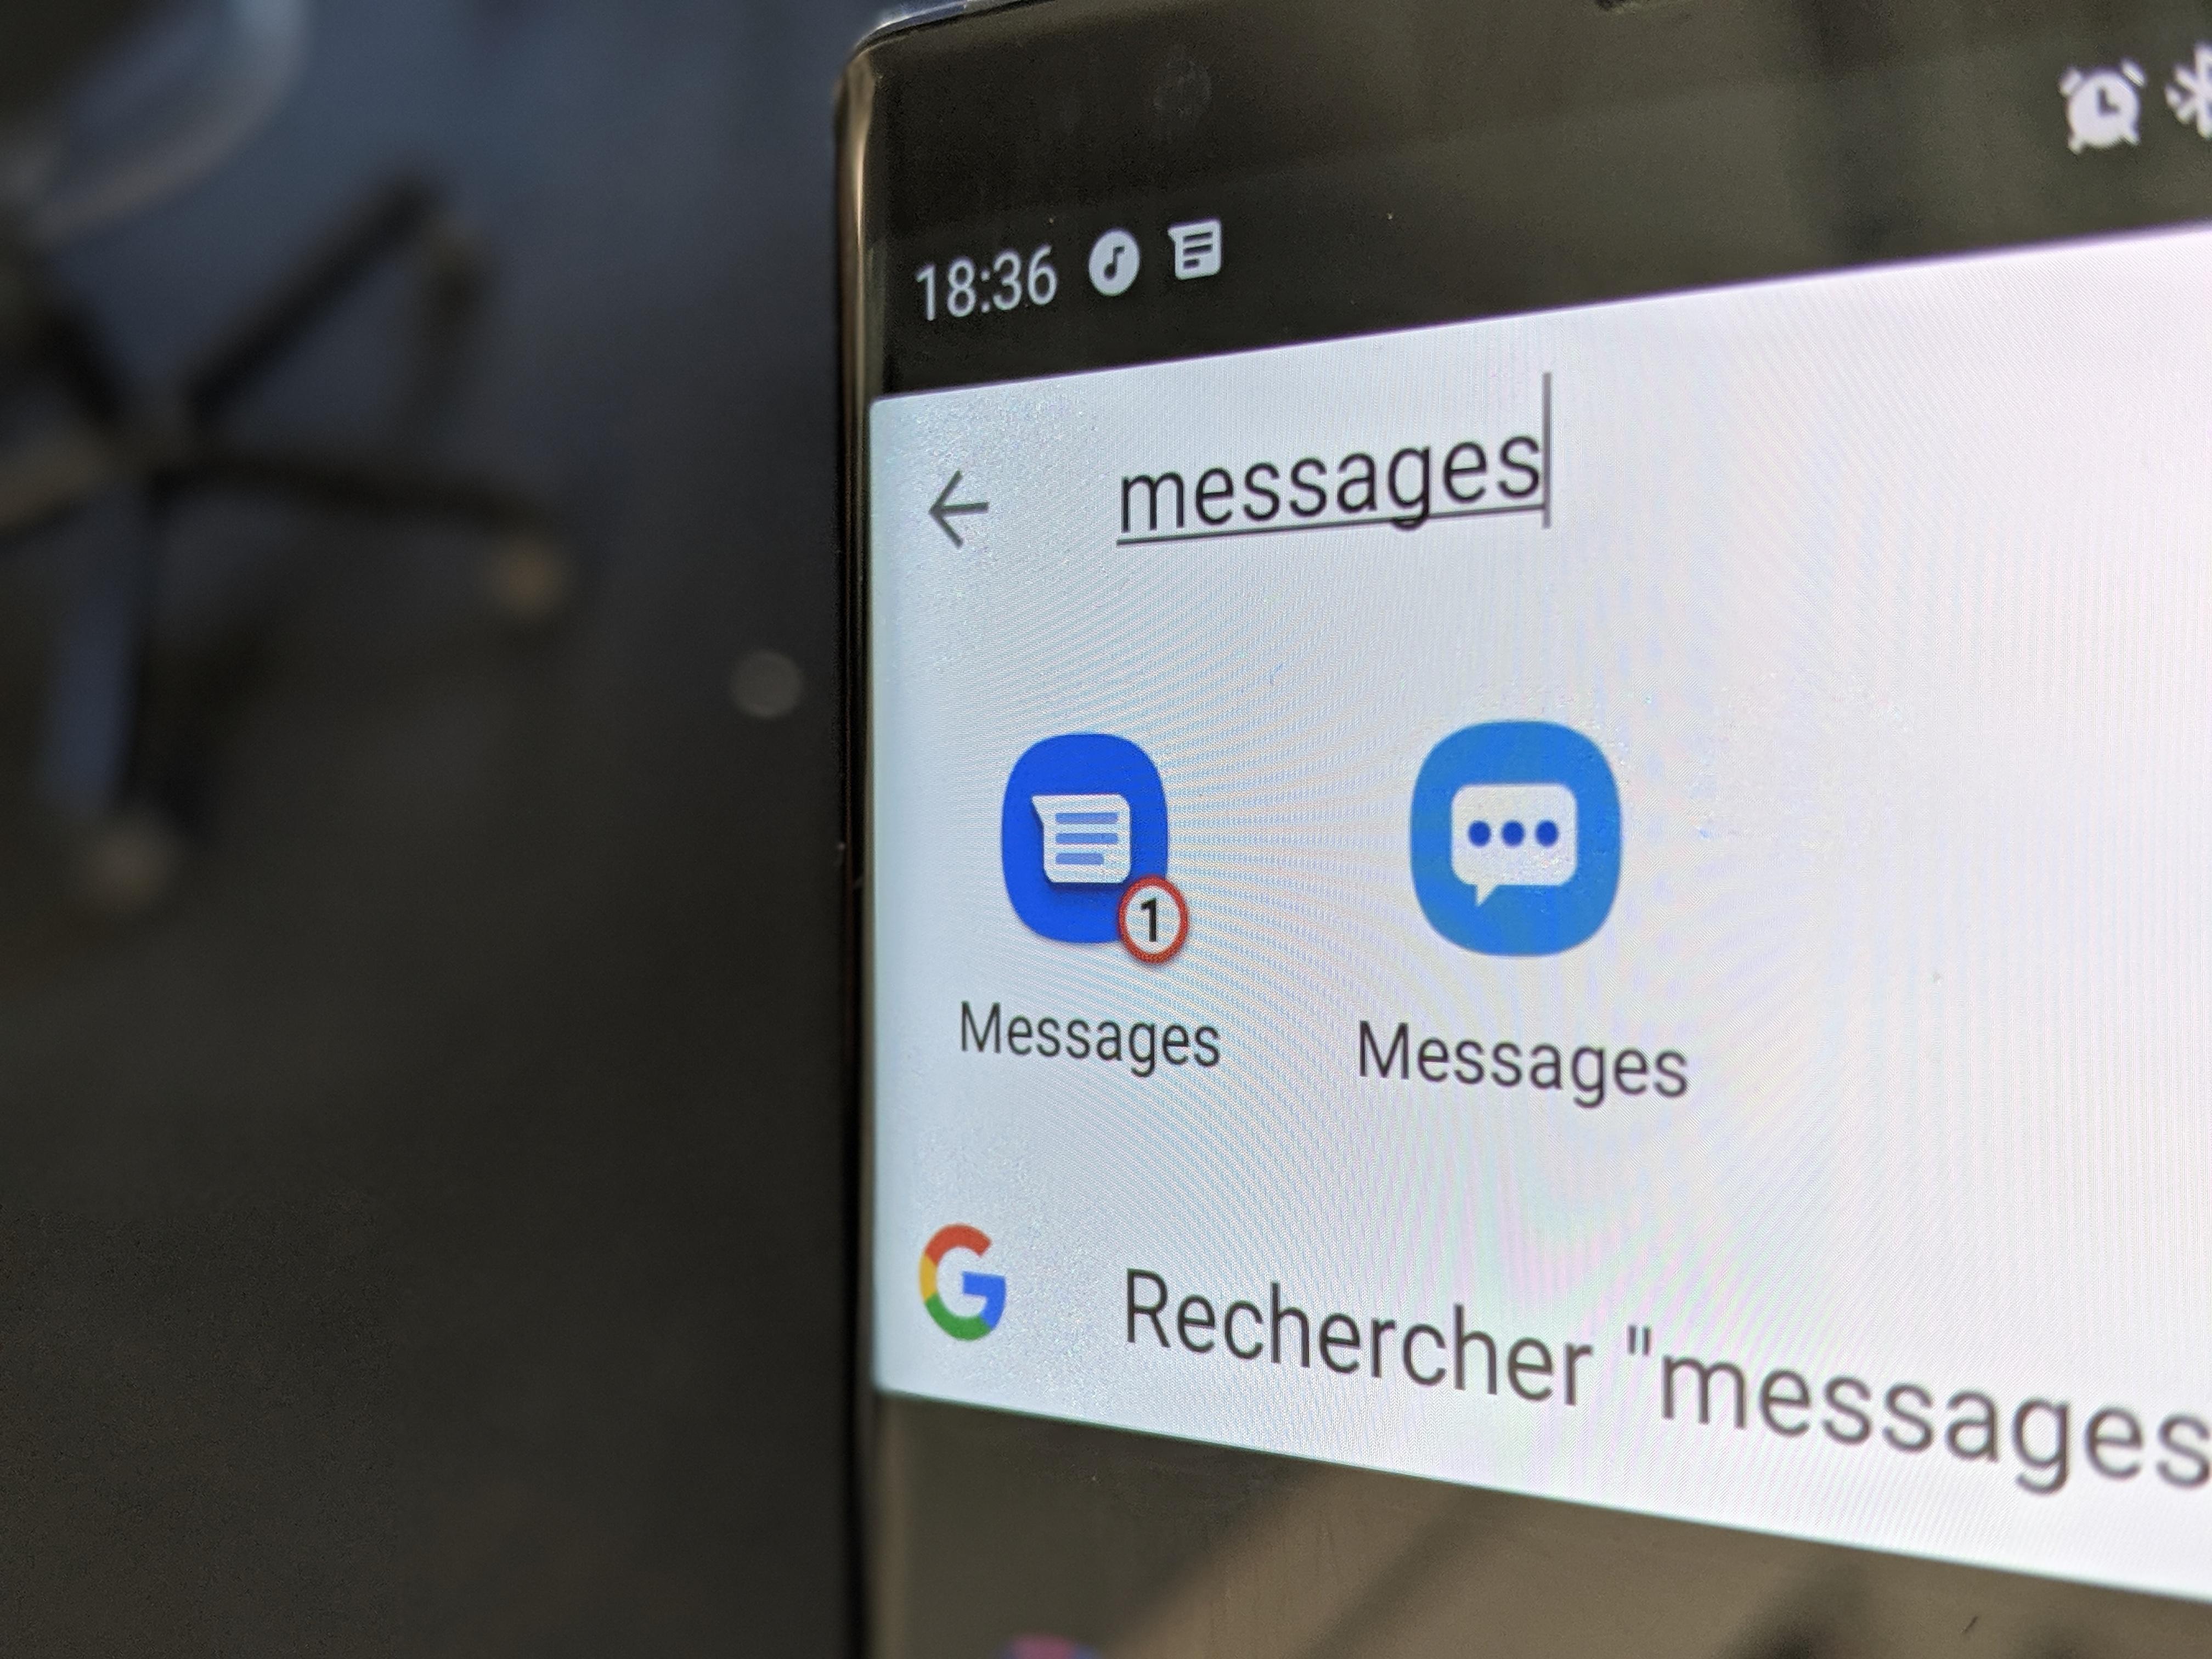 Le forcing de Google sur le RCS en France, vous approuvez ? – Sondage de la semaine